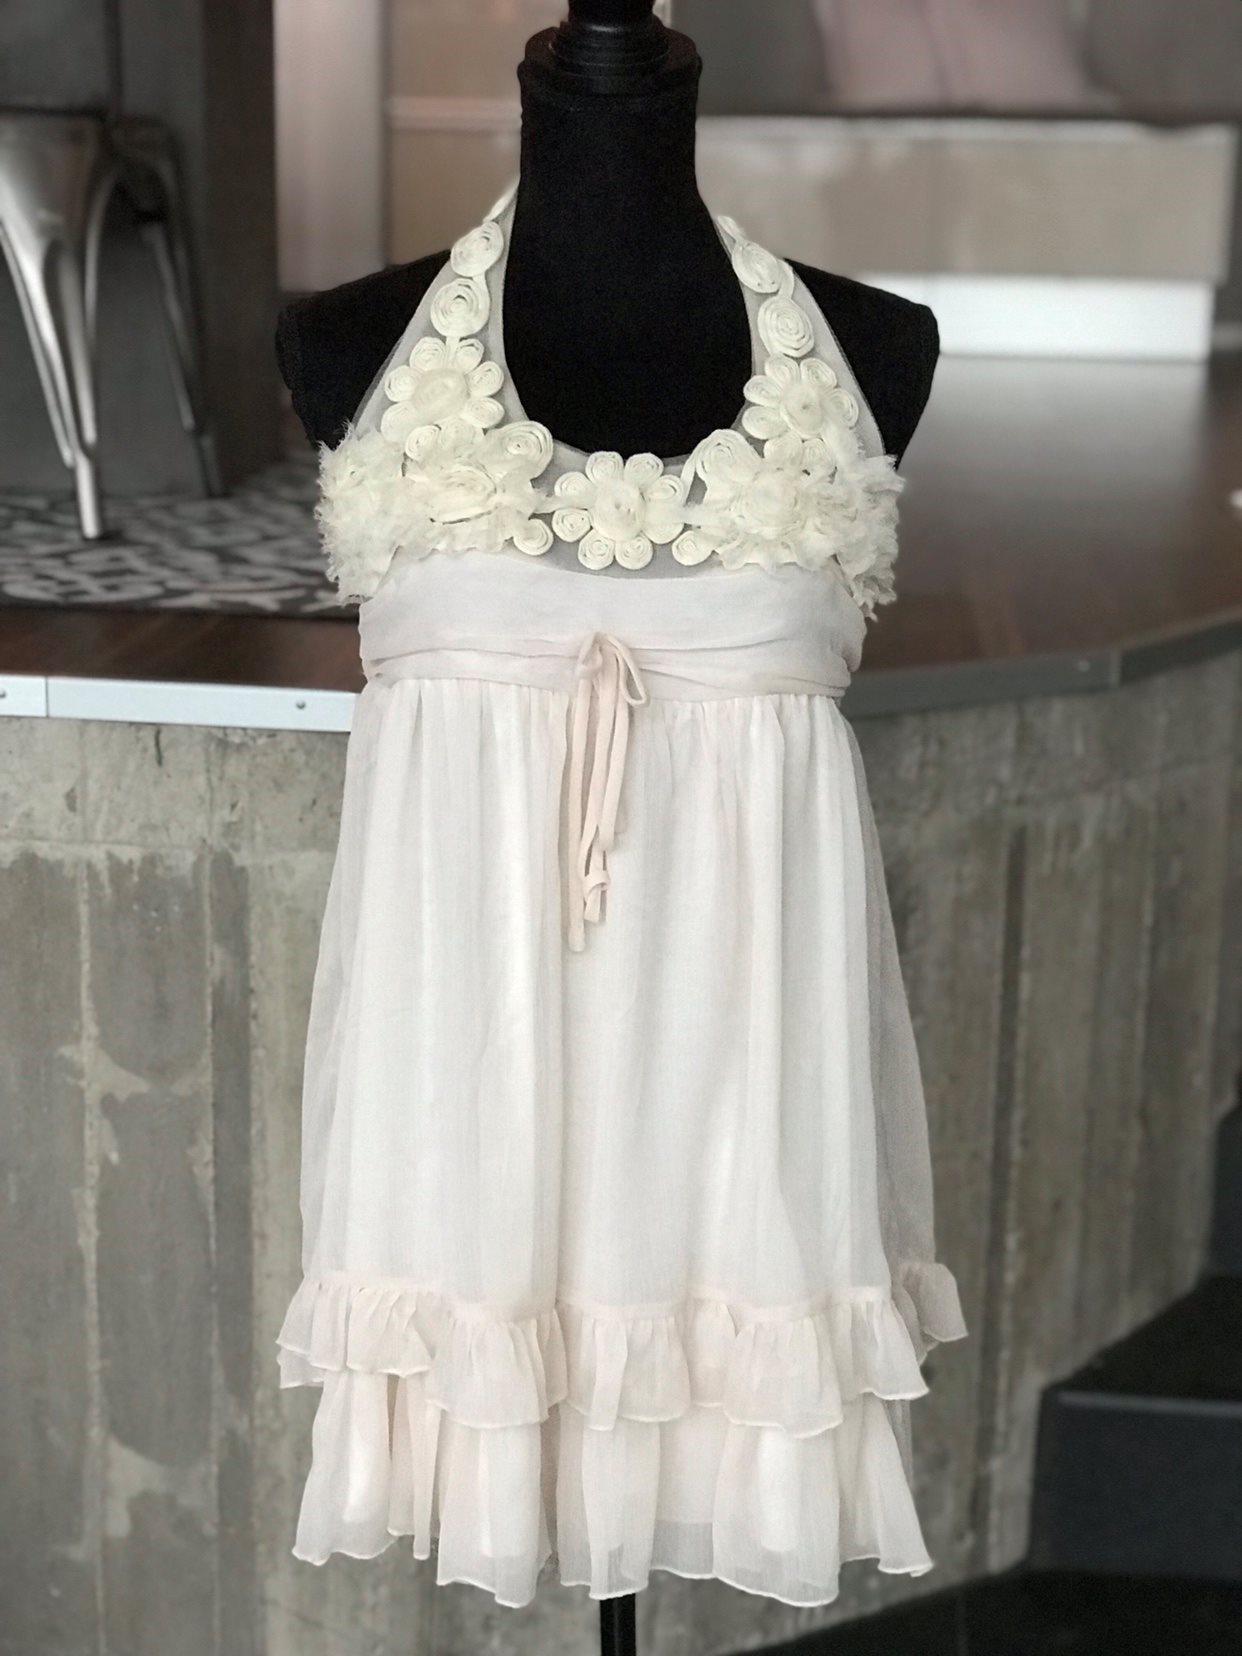 64735a34c7f6 Ursöt klänning blommor och volanger! (333731195) ᐈ Köp på Tradera